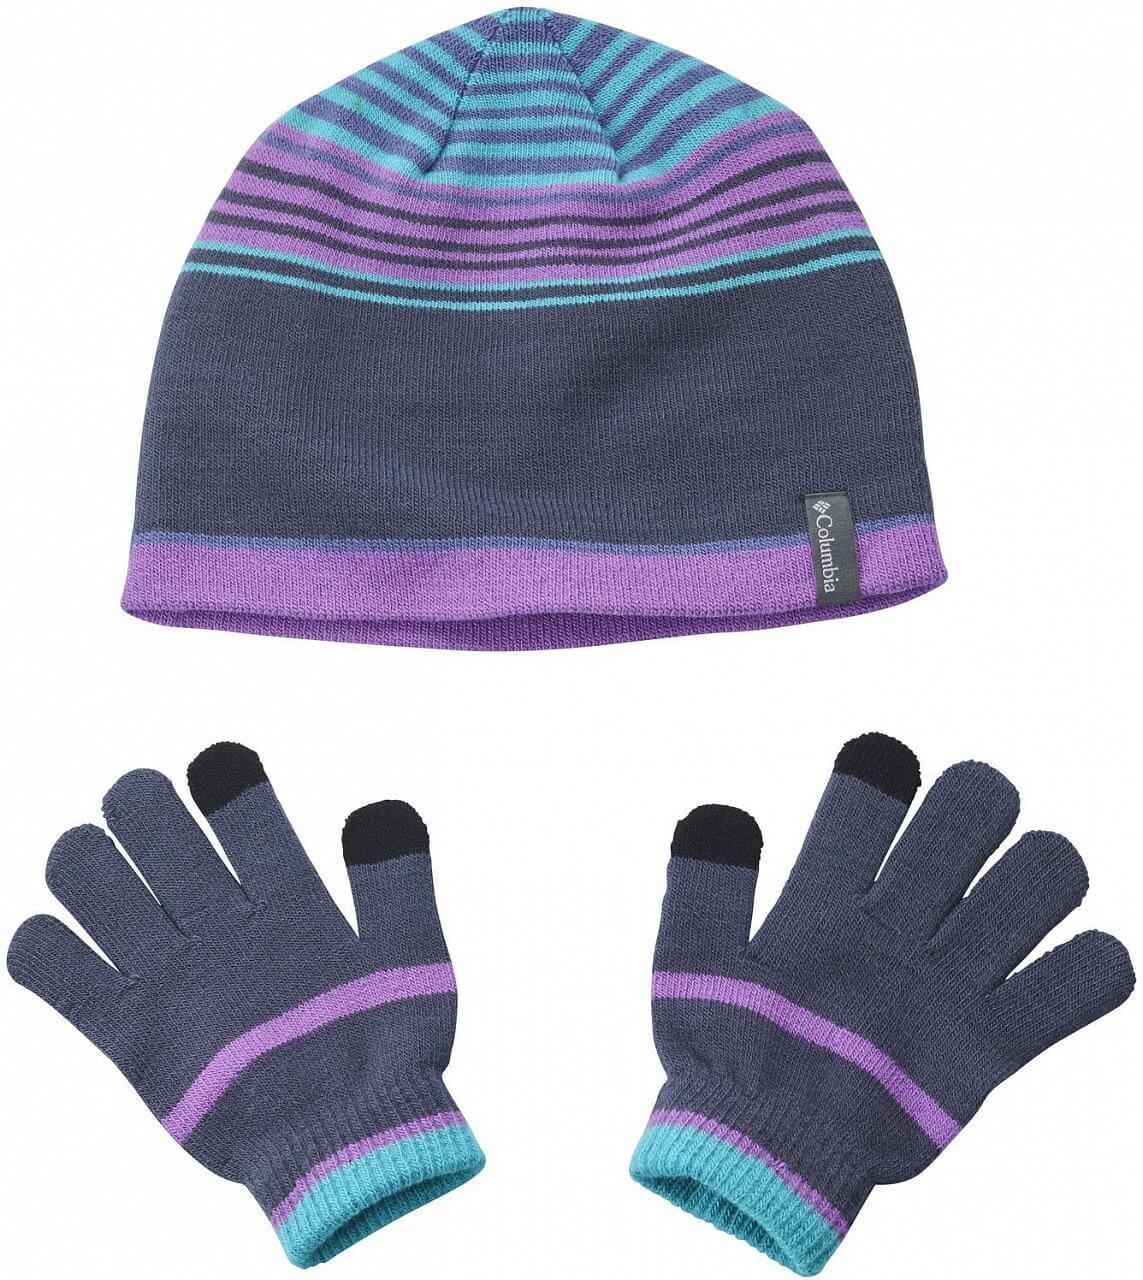 Set dětské čepice s rukavicemi Columbia Youth Hat and Glove Set